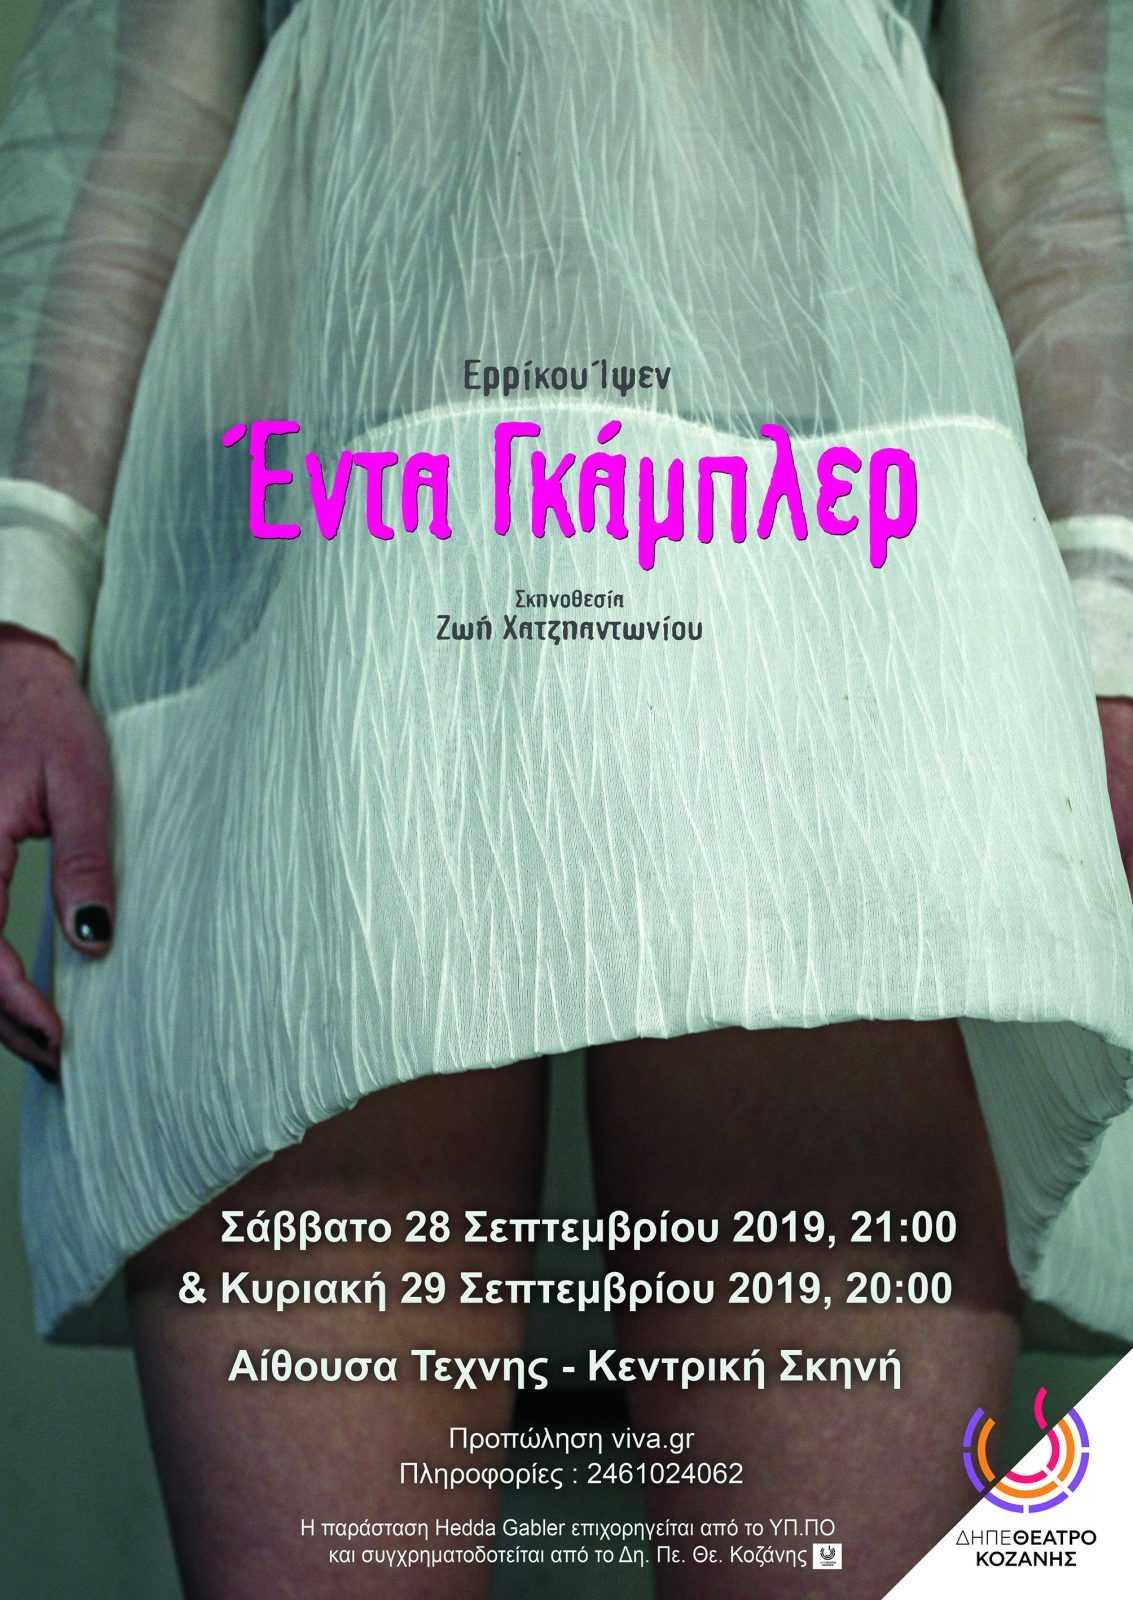 Το Δη.Πε.Θέατρο Κοζάνης το Σάββατο 28/9, στις 21:00 και την Κυριακή 29/9, στις 20:00 θα παρουσιάσει την παράσταση του Ερρίκου Ίψεν «Έντα Γκάμπλερ».